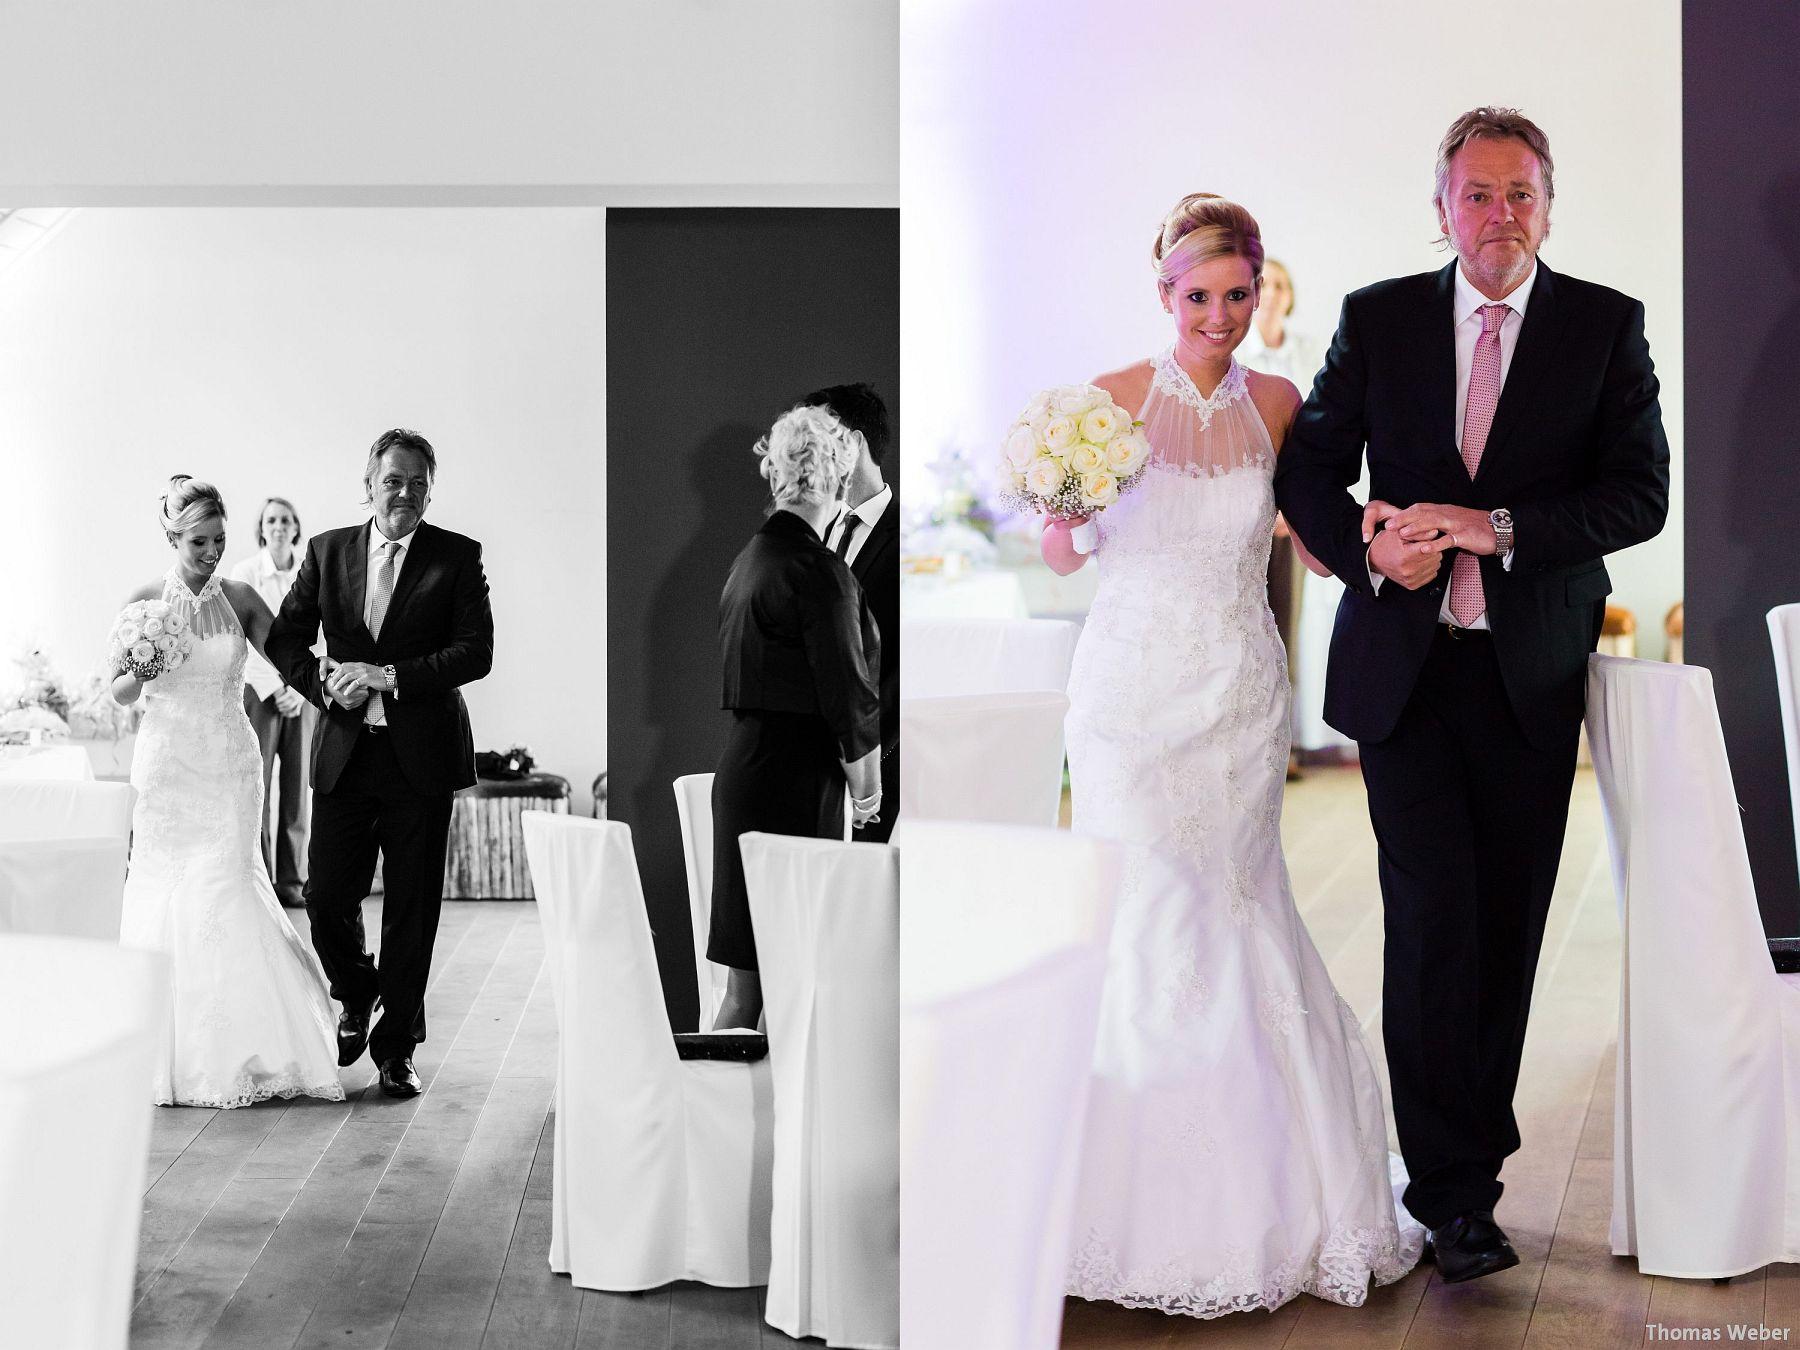 Hochzeitsfotograf Thomas Weber aus Oldenburg (20)